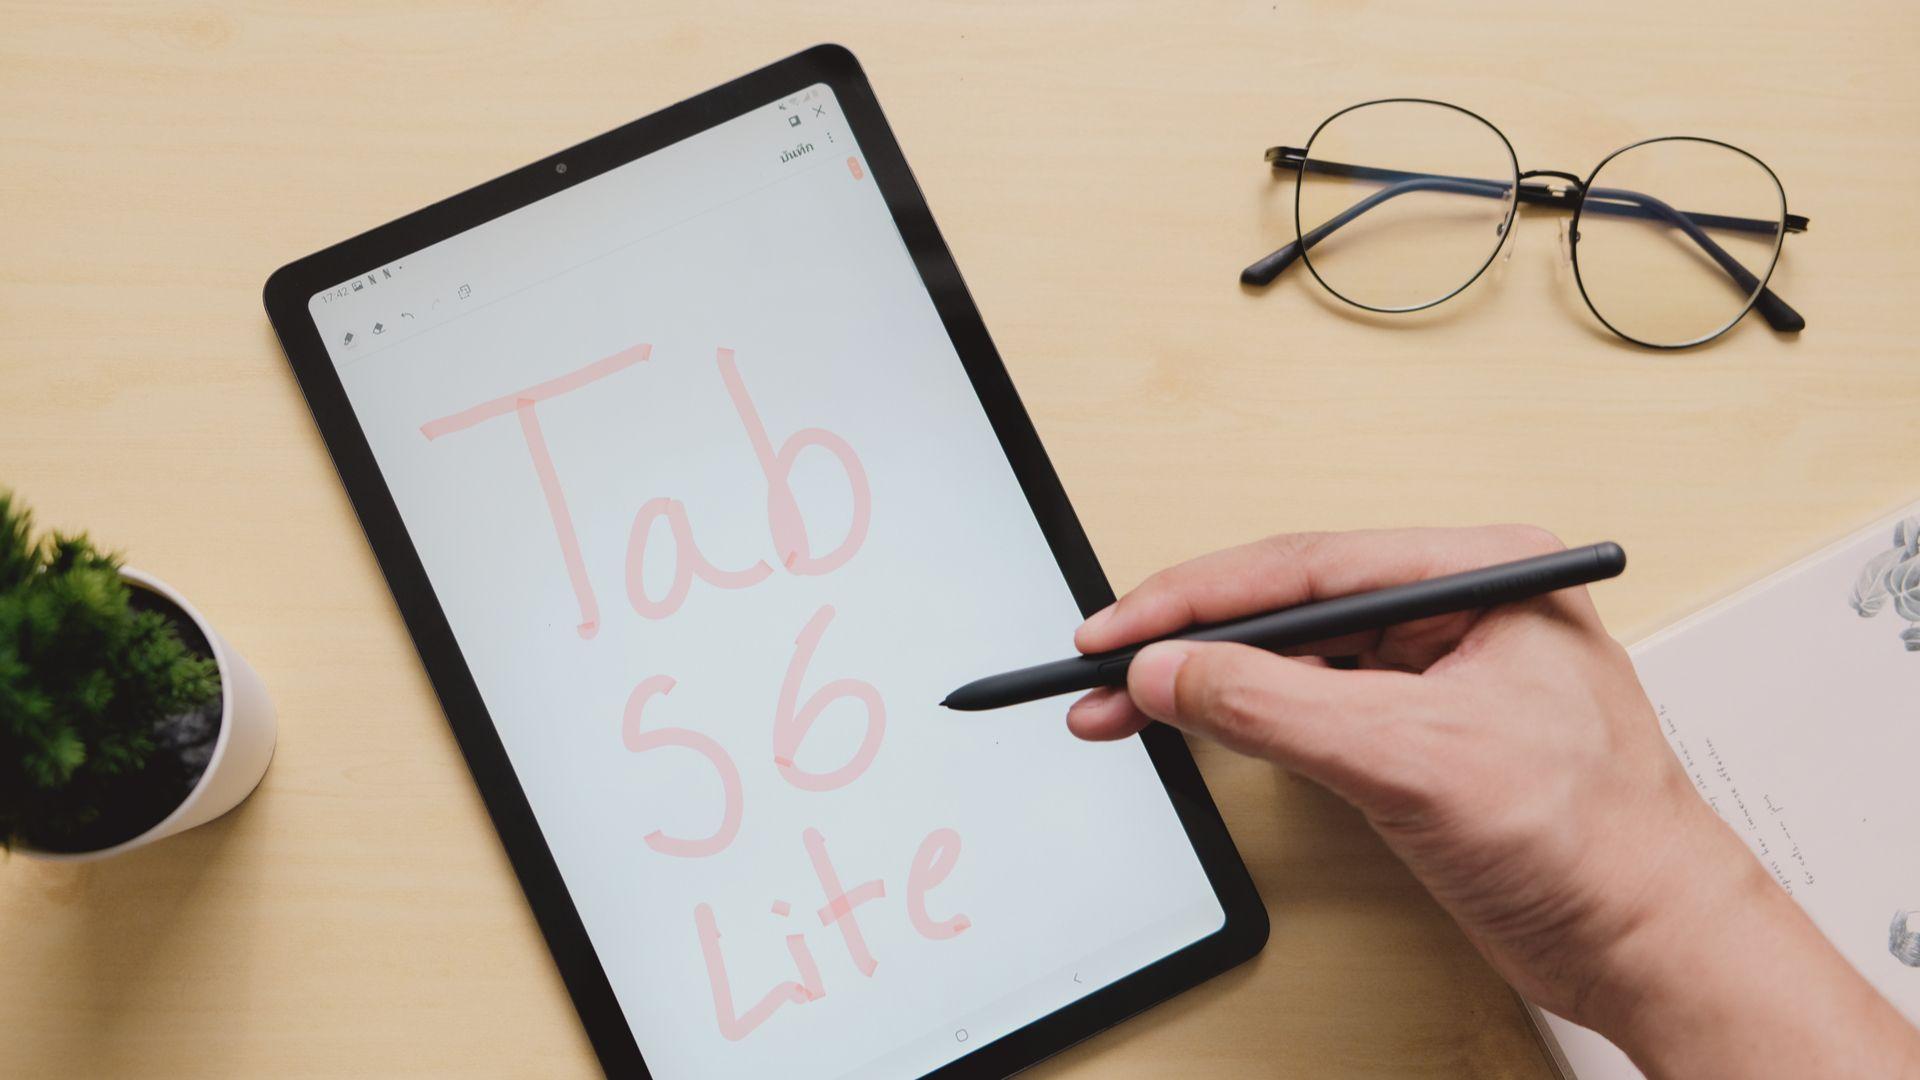 Galaxy Tab S6 Lite é o novo tablet da Samsung. (Imagem: Framesira/Shutterstock)